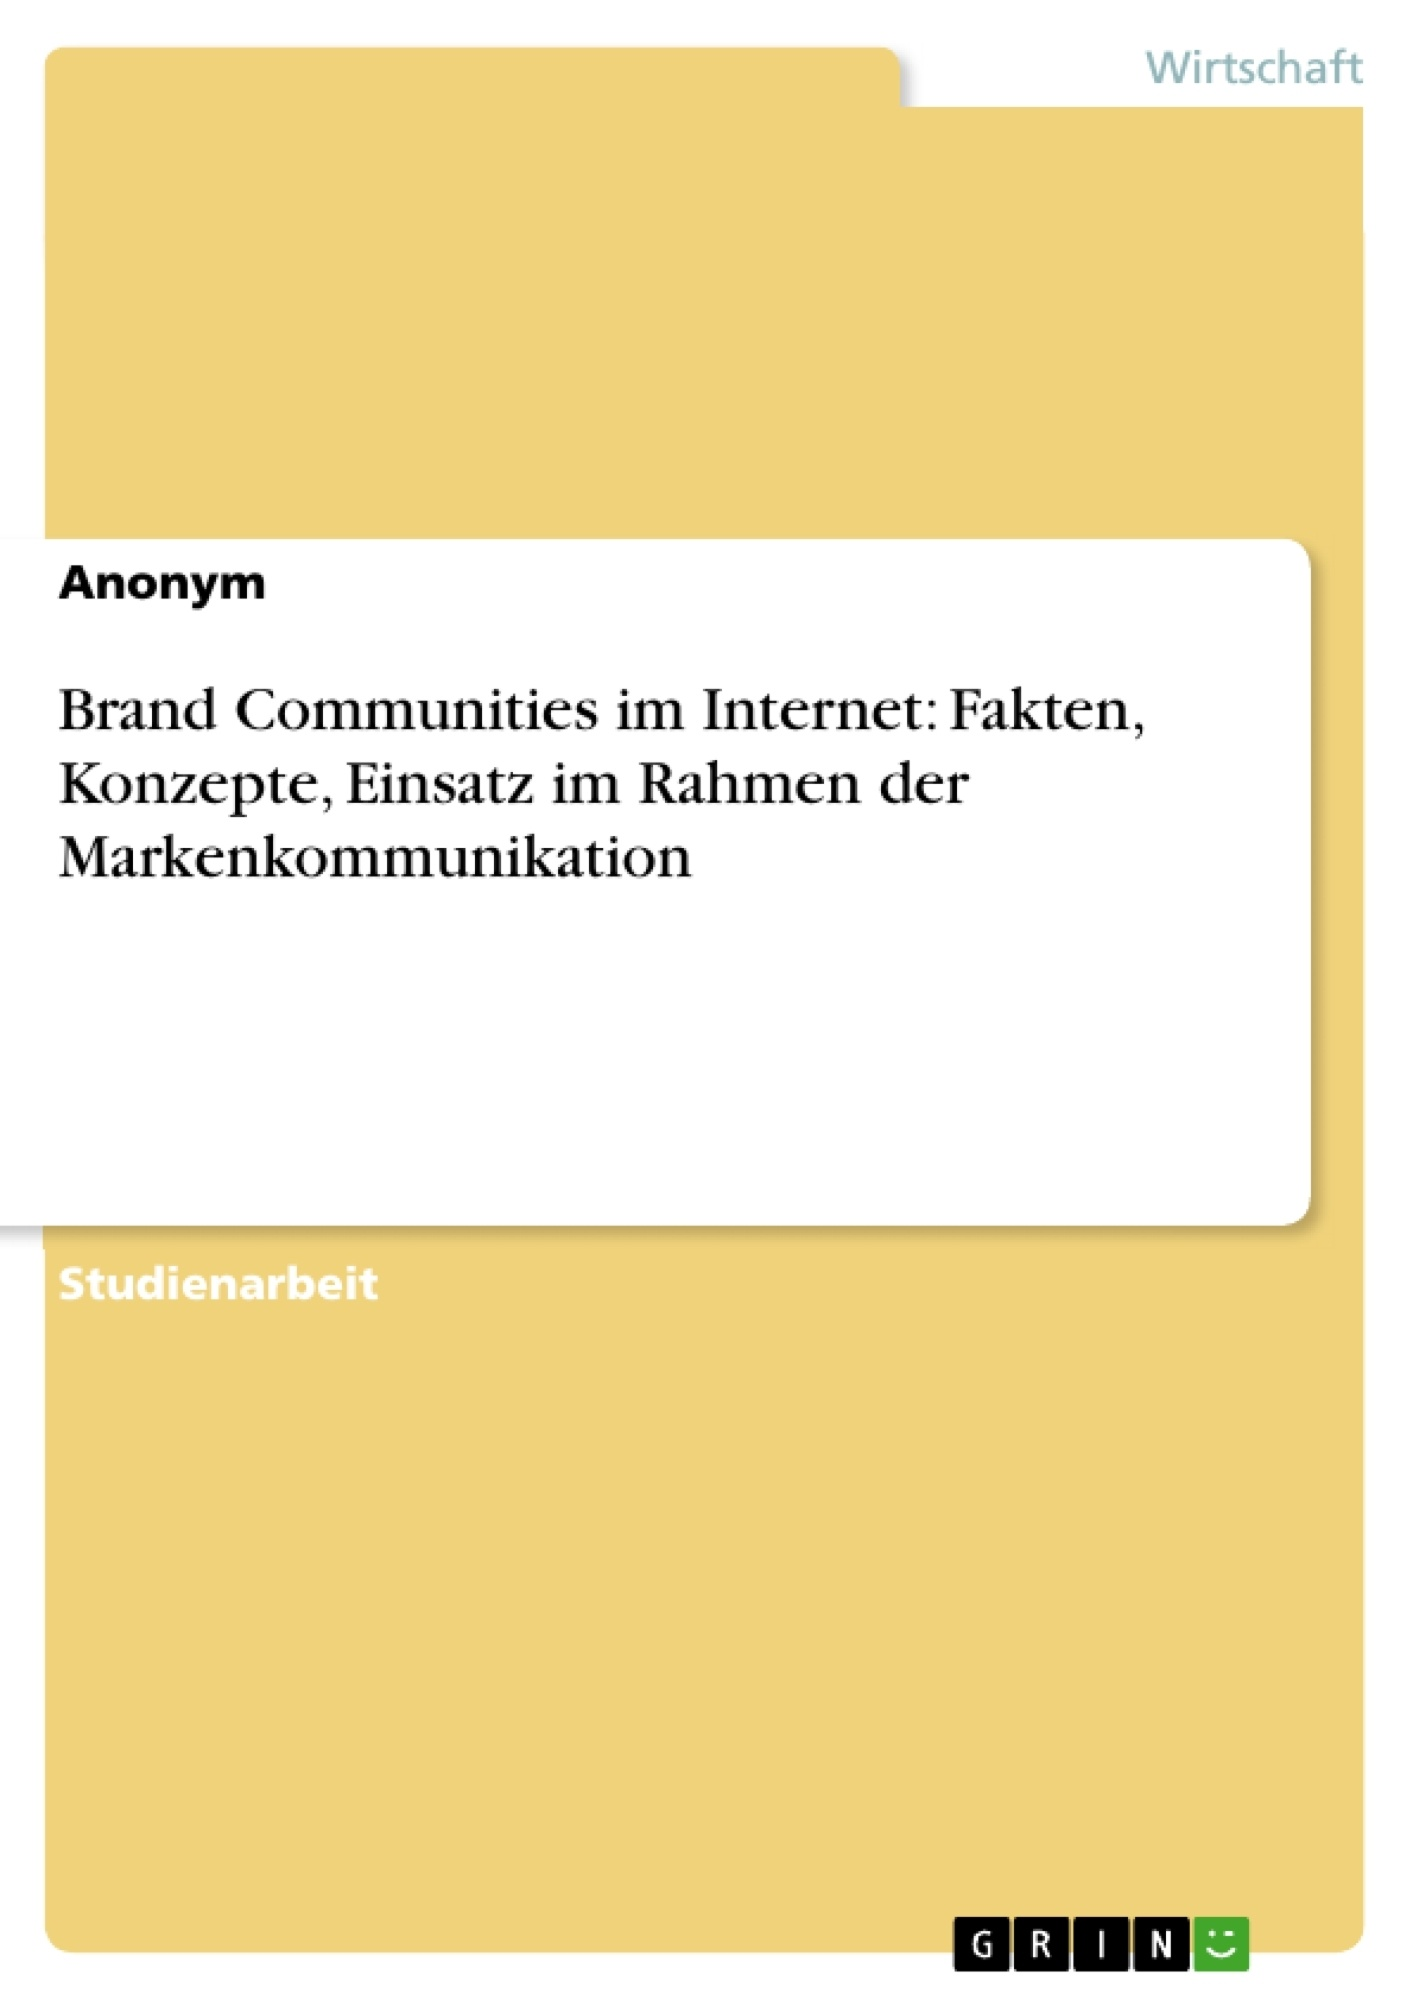 Titel: Brand Communities im Internet: Fakten, Konzepte, Einsatz im Rahmen der Markenkommunikation